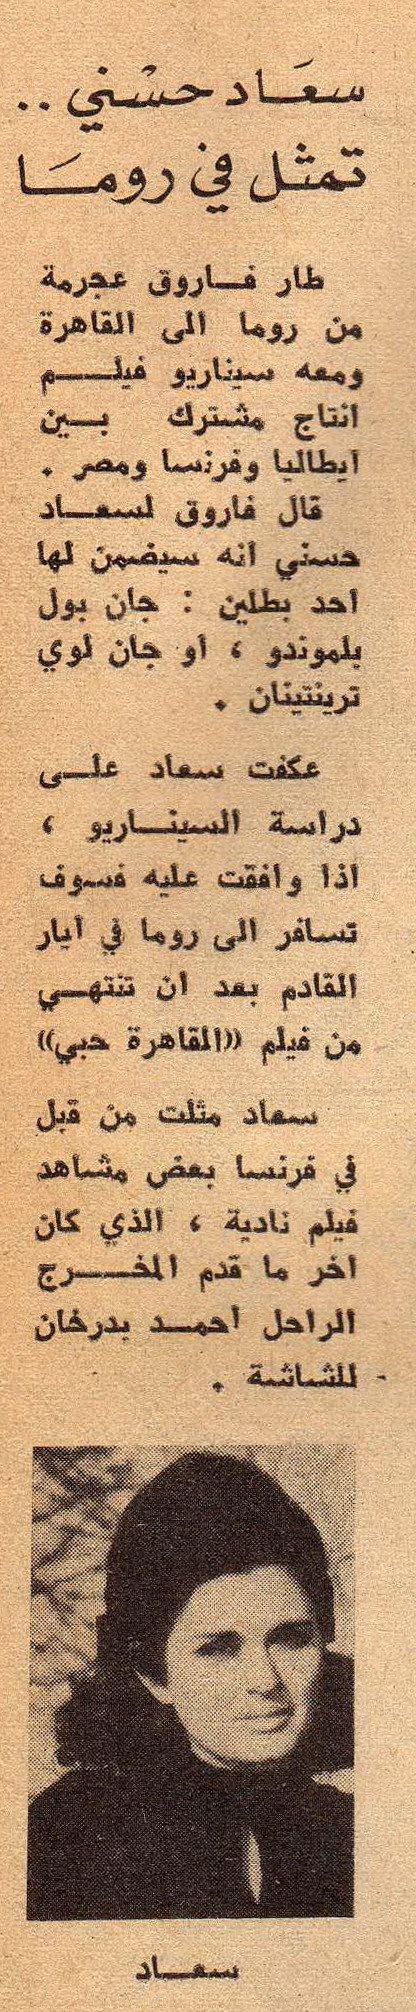 خبر صحفي : سعاد حسني .. تمثل في روما 1971 م C_yao_65